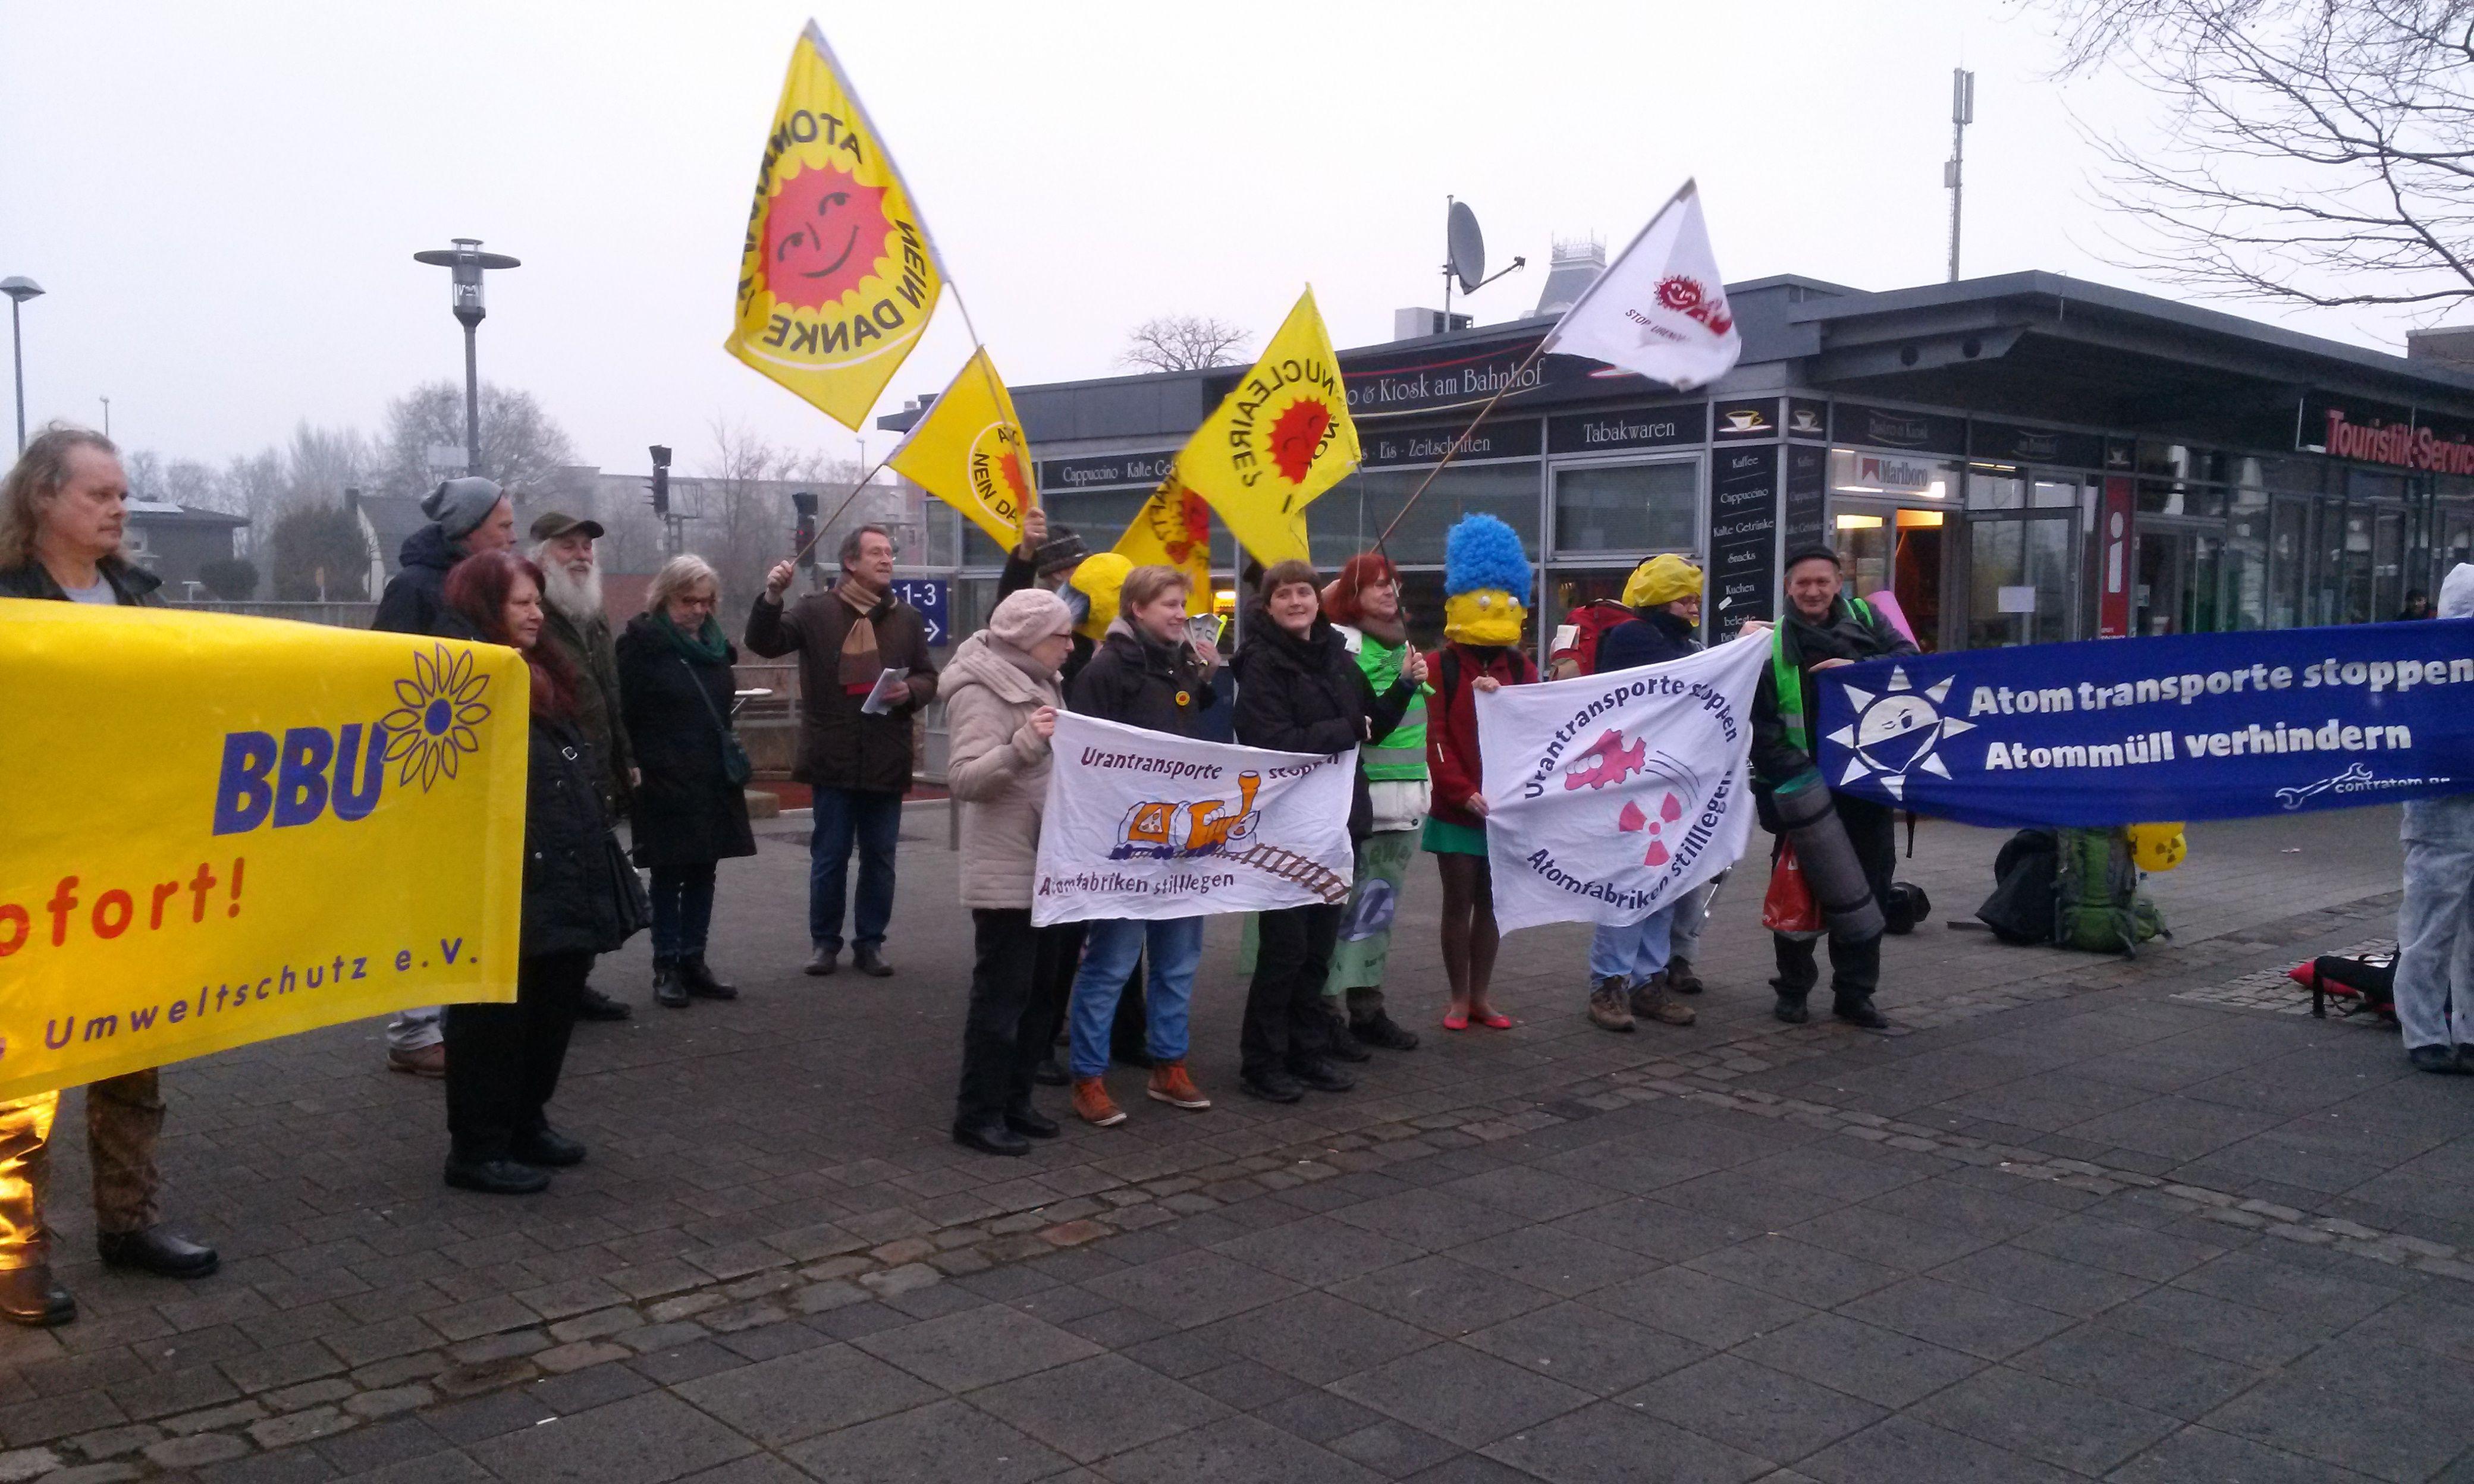 http://www.umwelt-energie-report.de/wp-content/uploads/2017/02/20.02.17-BBU-Proteste-gegen-Urantransporte.jpg